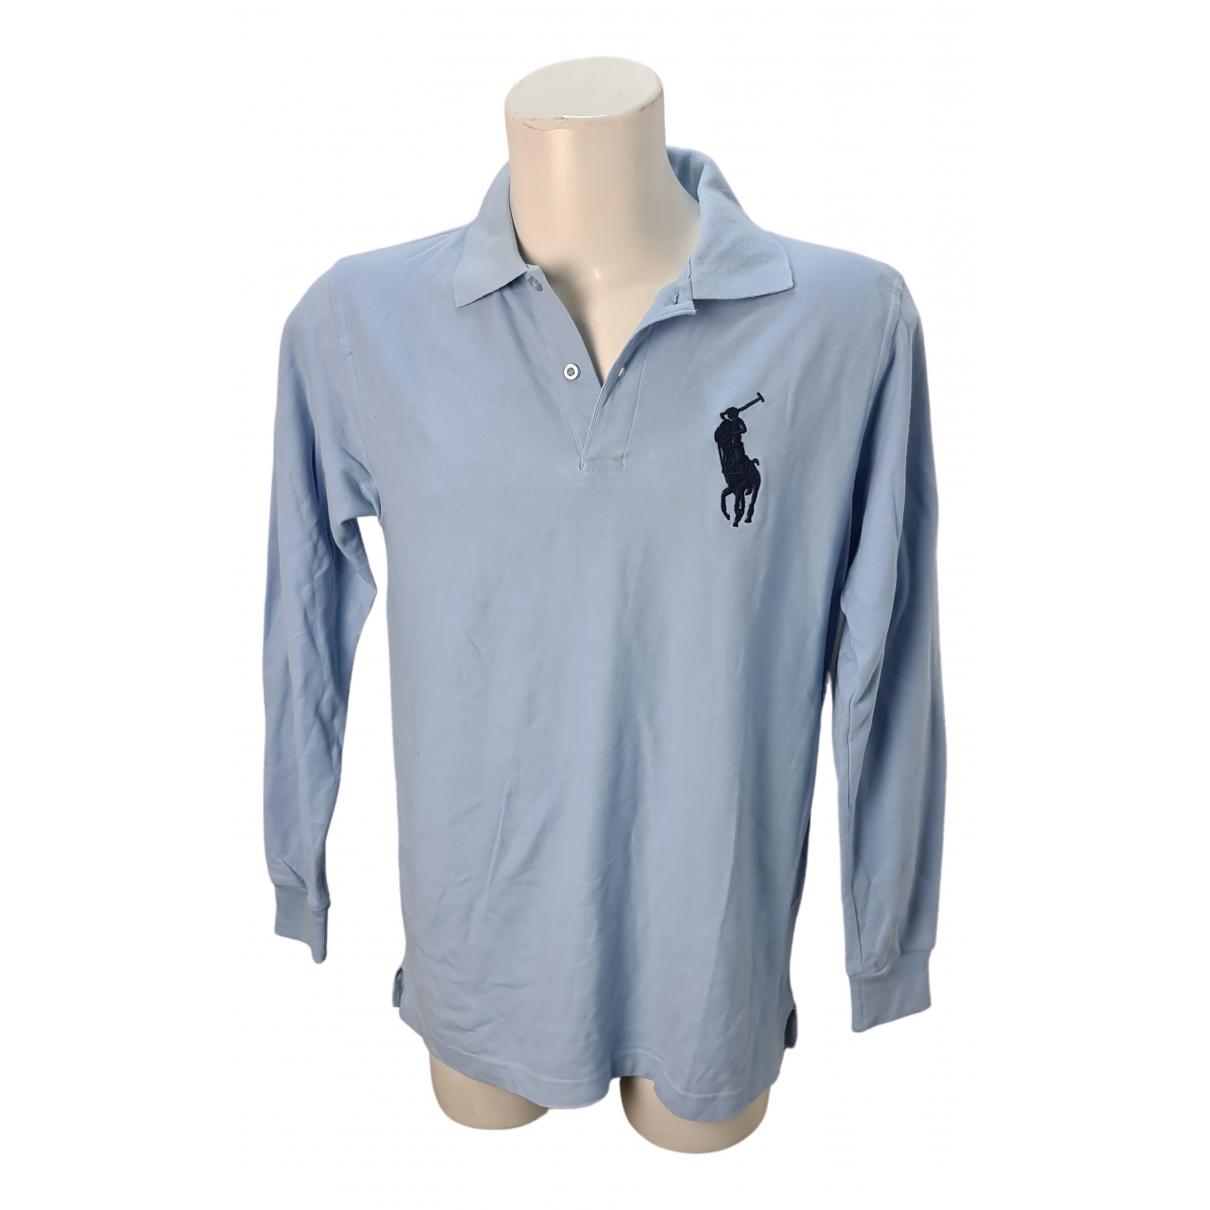 Polo Ralph Lauren - Polos Polo cintre manches longues pour homme en coton